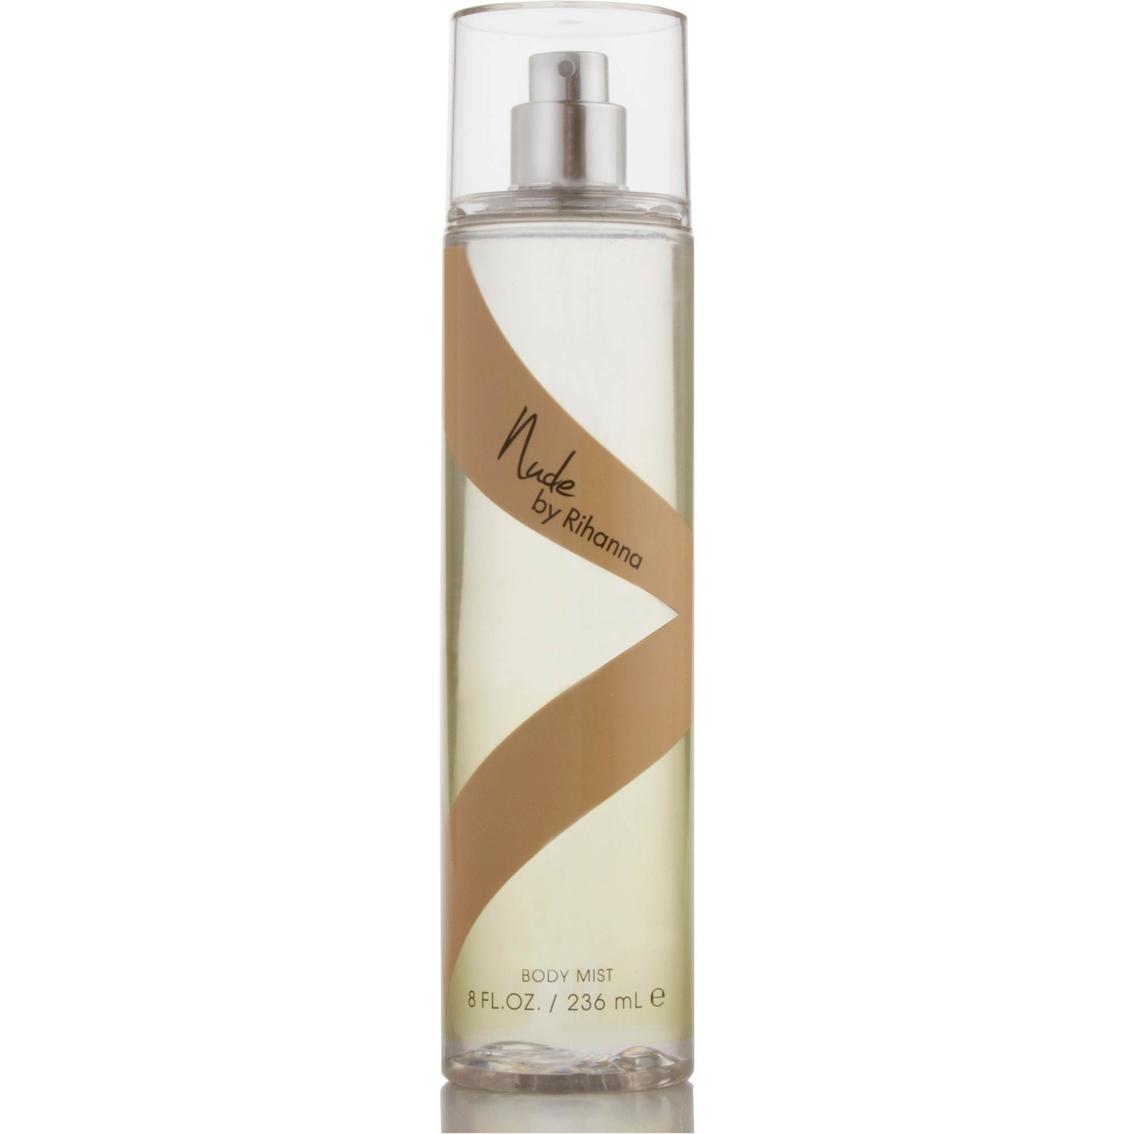 Rihanna Nude Body Spray for Women, 8 Oz - Walmart.com